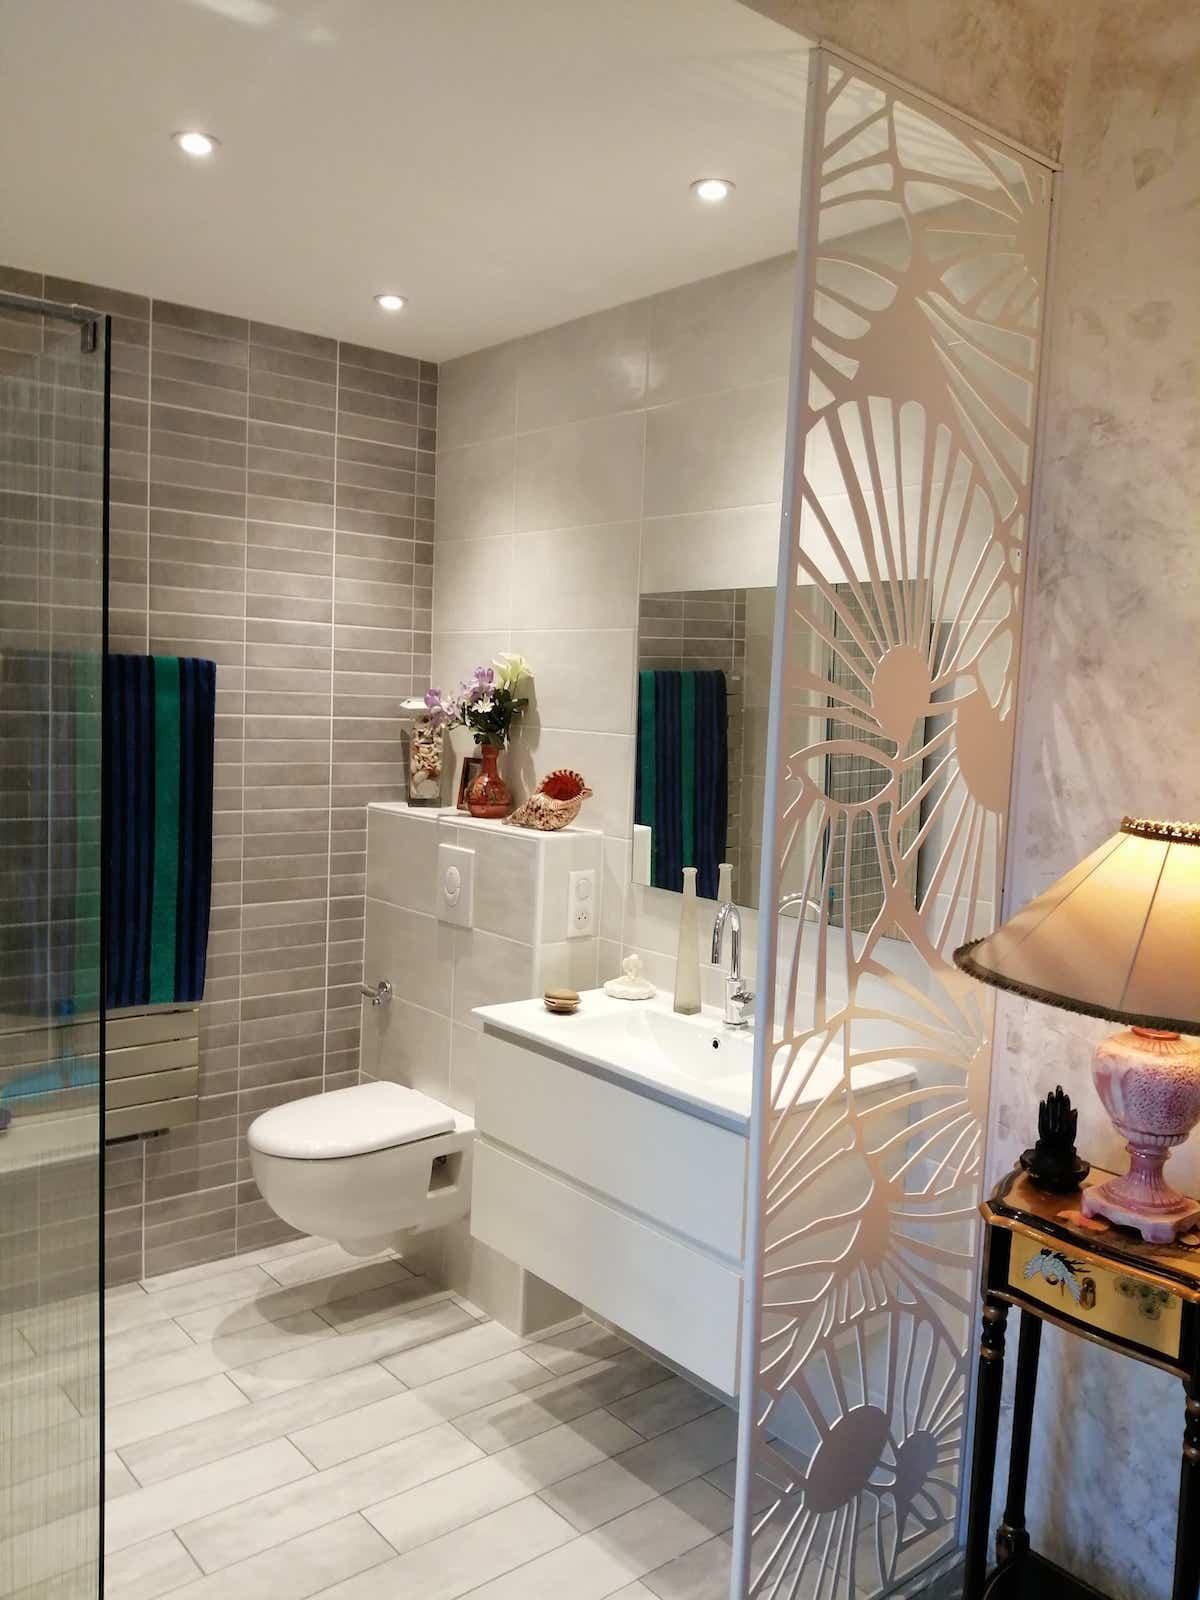 salle de bain claustra decoupe laser decoration